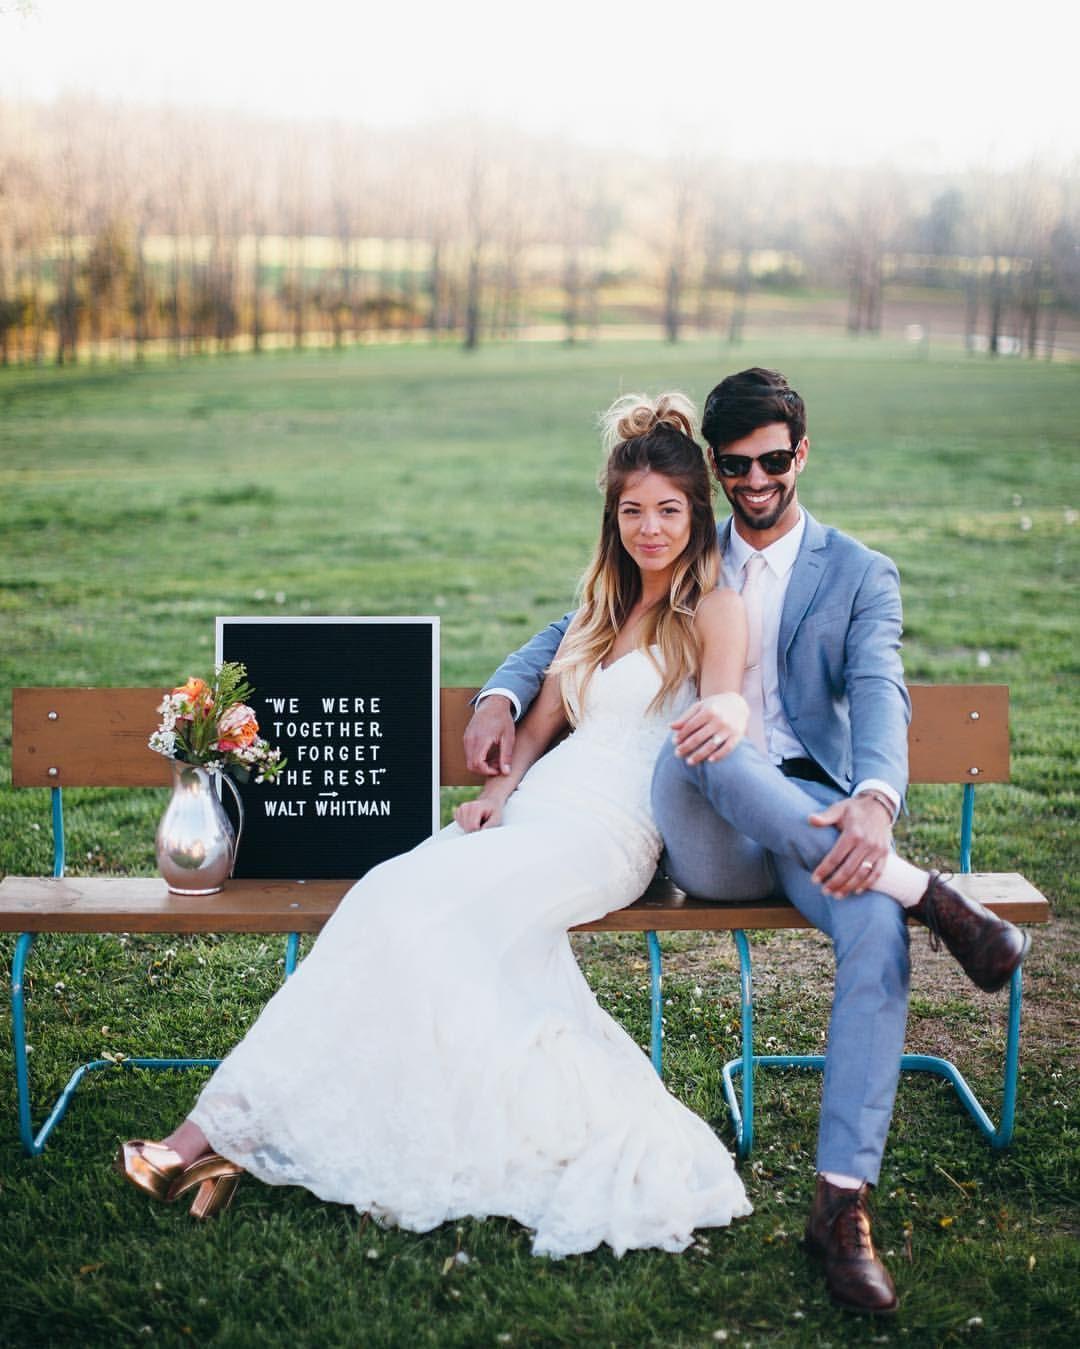 Wedding Elopement Ideas: Letterboard: Letterfolk.com